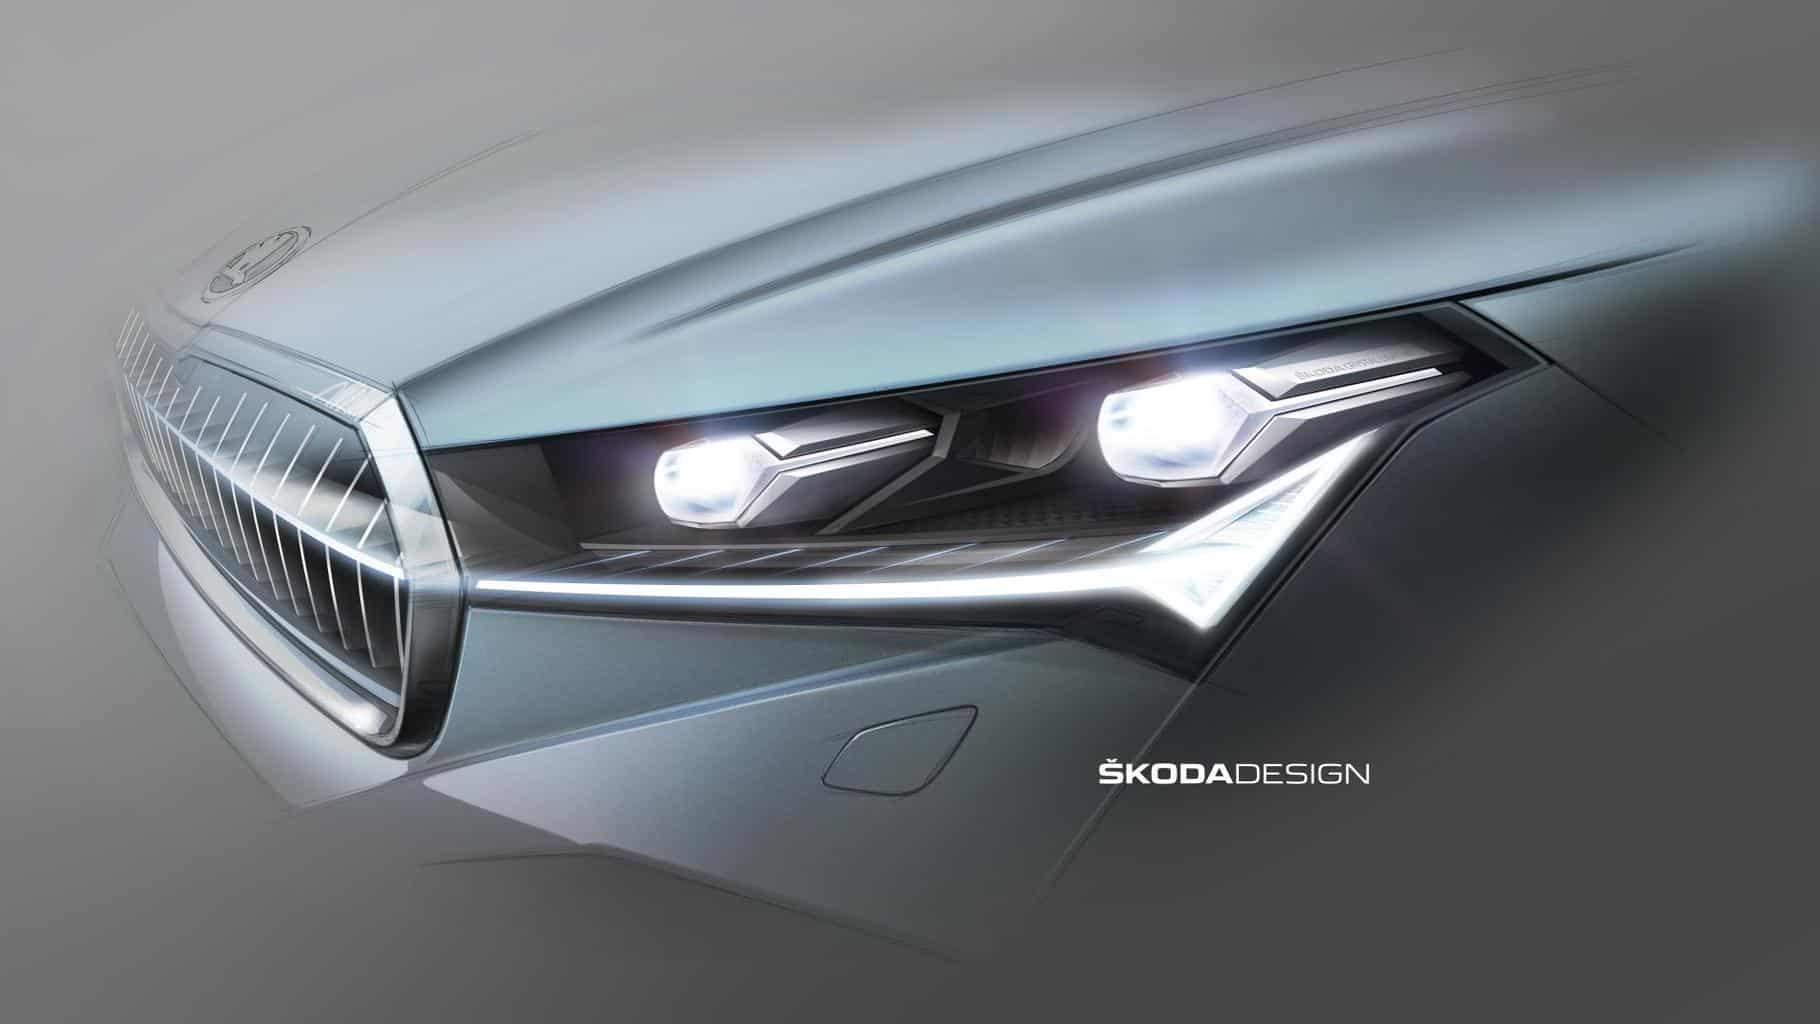 Mit dem ENYAQ iV ist ŠKODA ein Licht aufgegangen - Neues Lichtdesign des MEB-Stromer